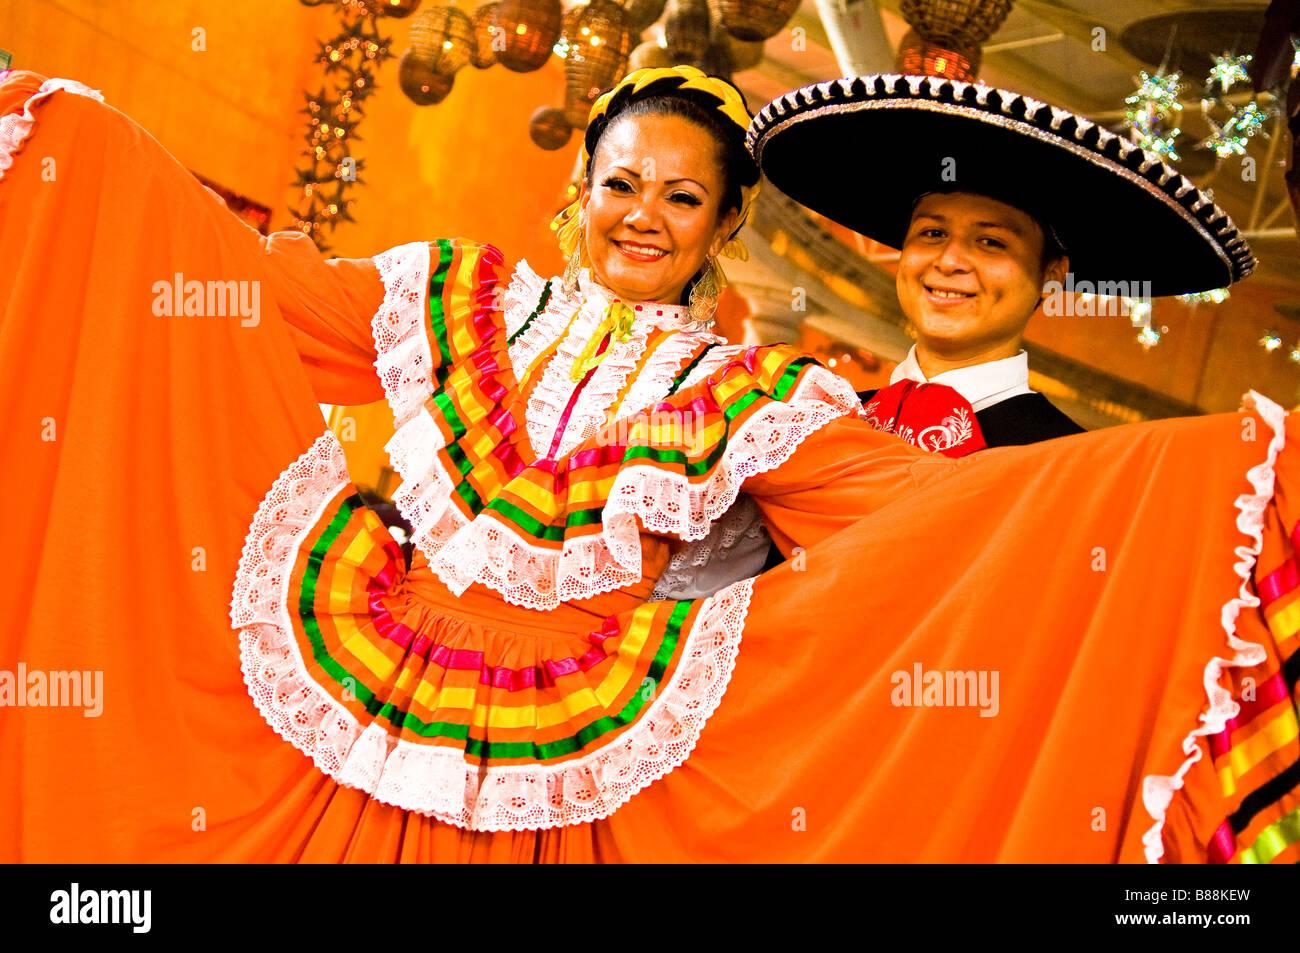 Paar in Tracht von Jalisco an folkloristischen sauber zeigen in Mazatlan Mexiko Stockbild